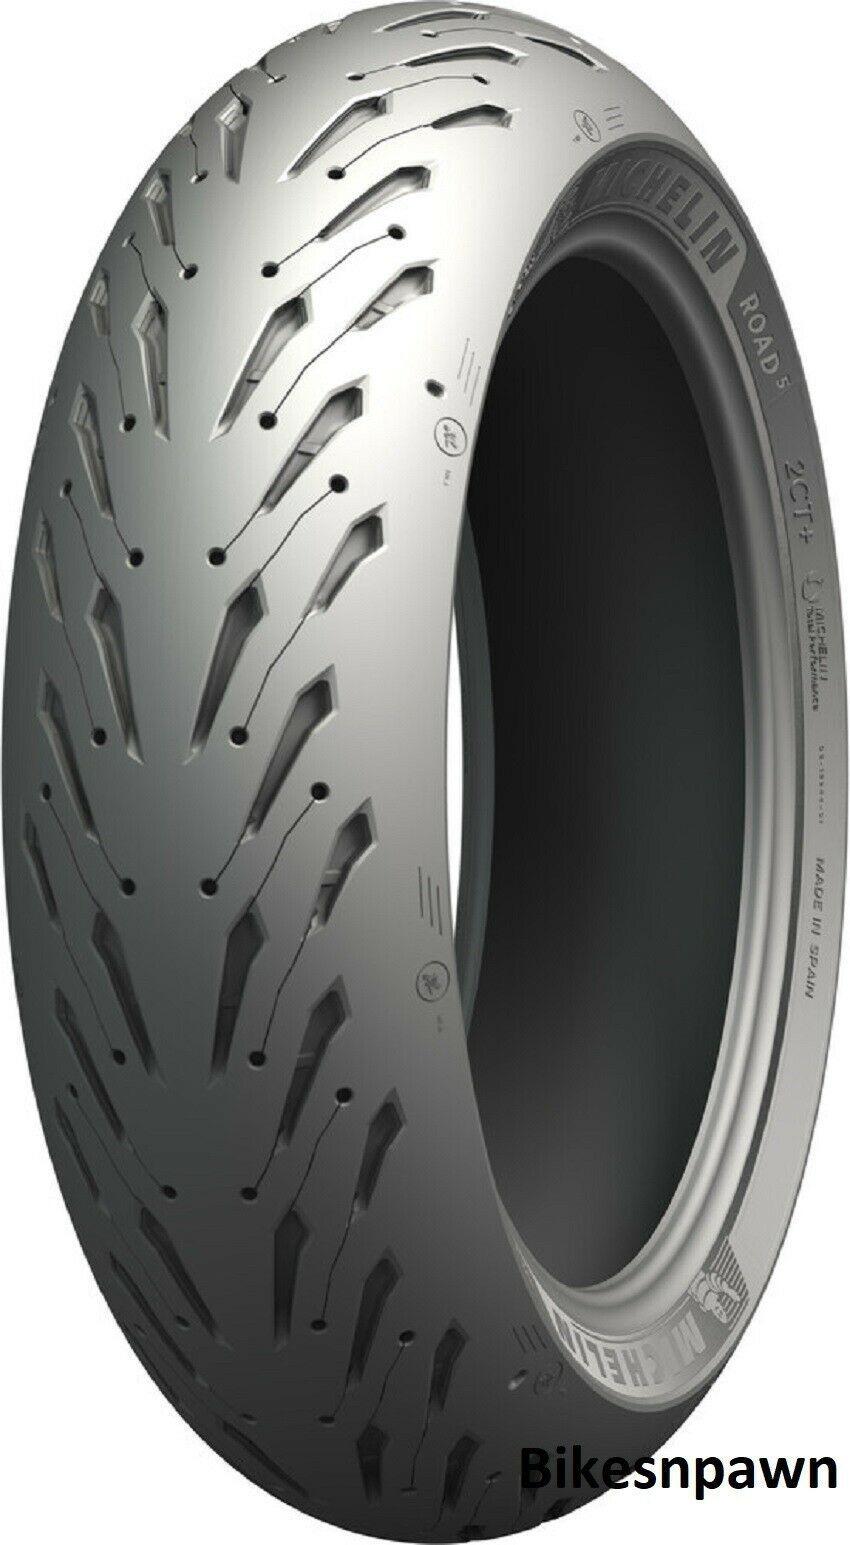 New Michelin Pilot Road 5 GT 190/55ZR17 Rear Radial Motorcycle Tire 75W 79407